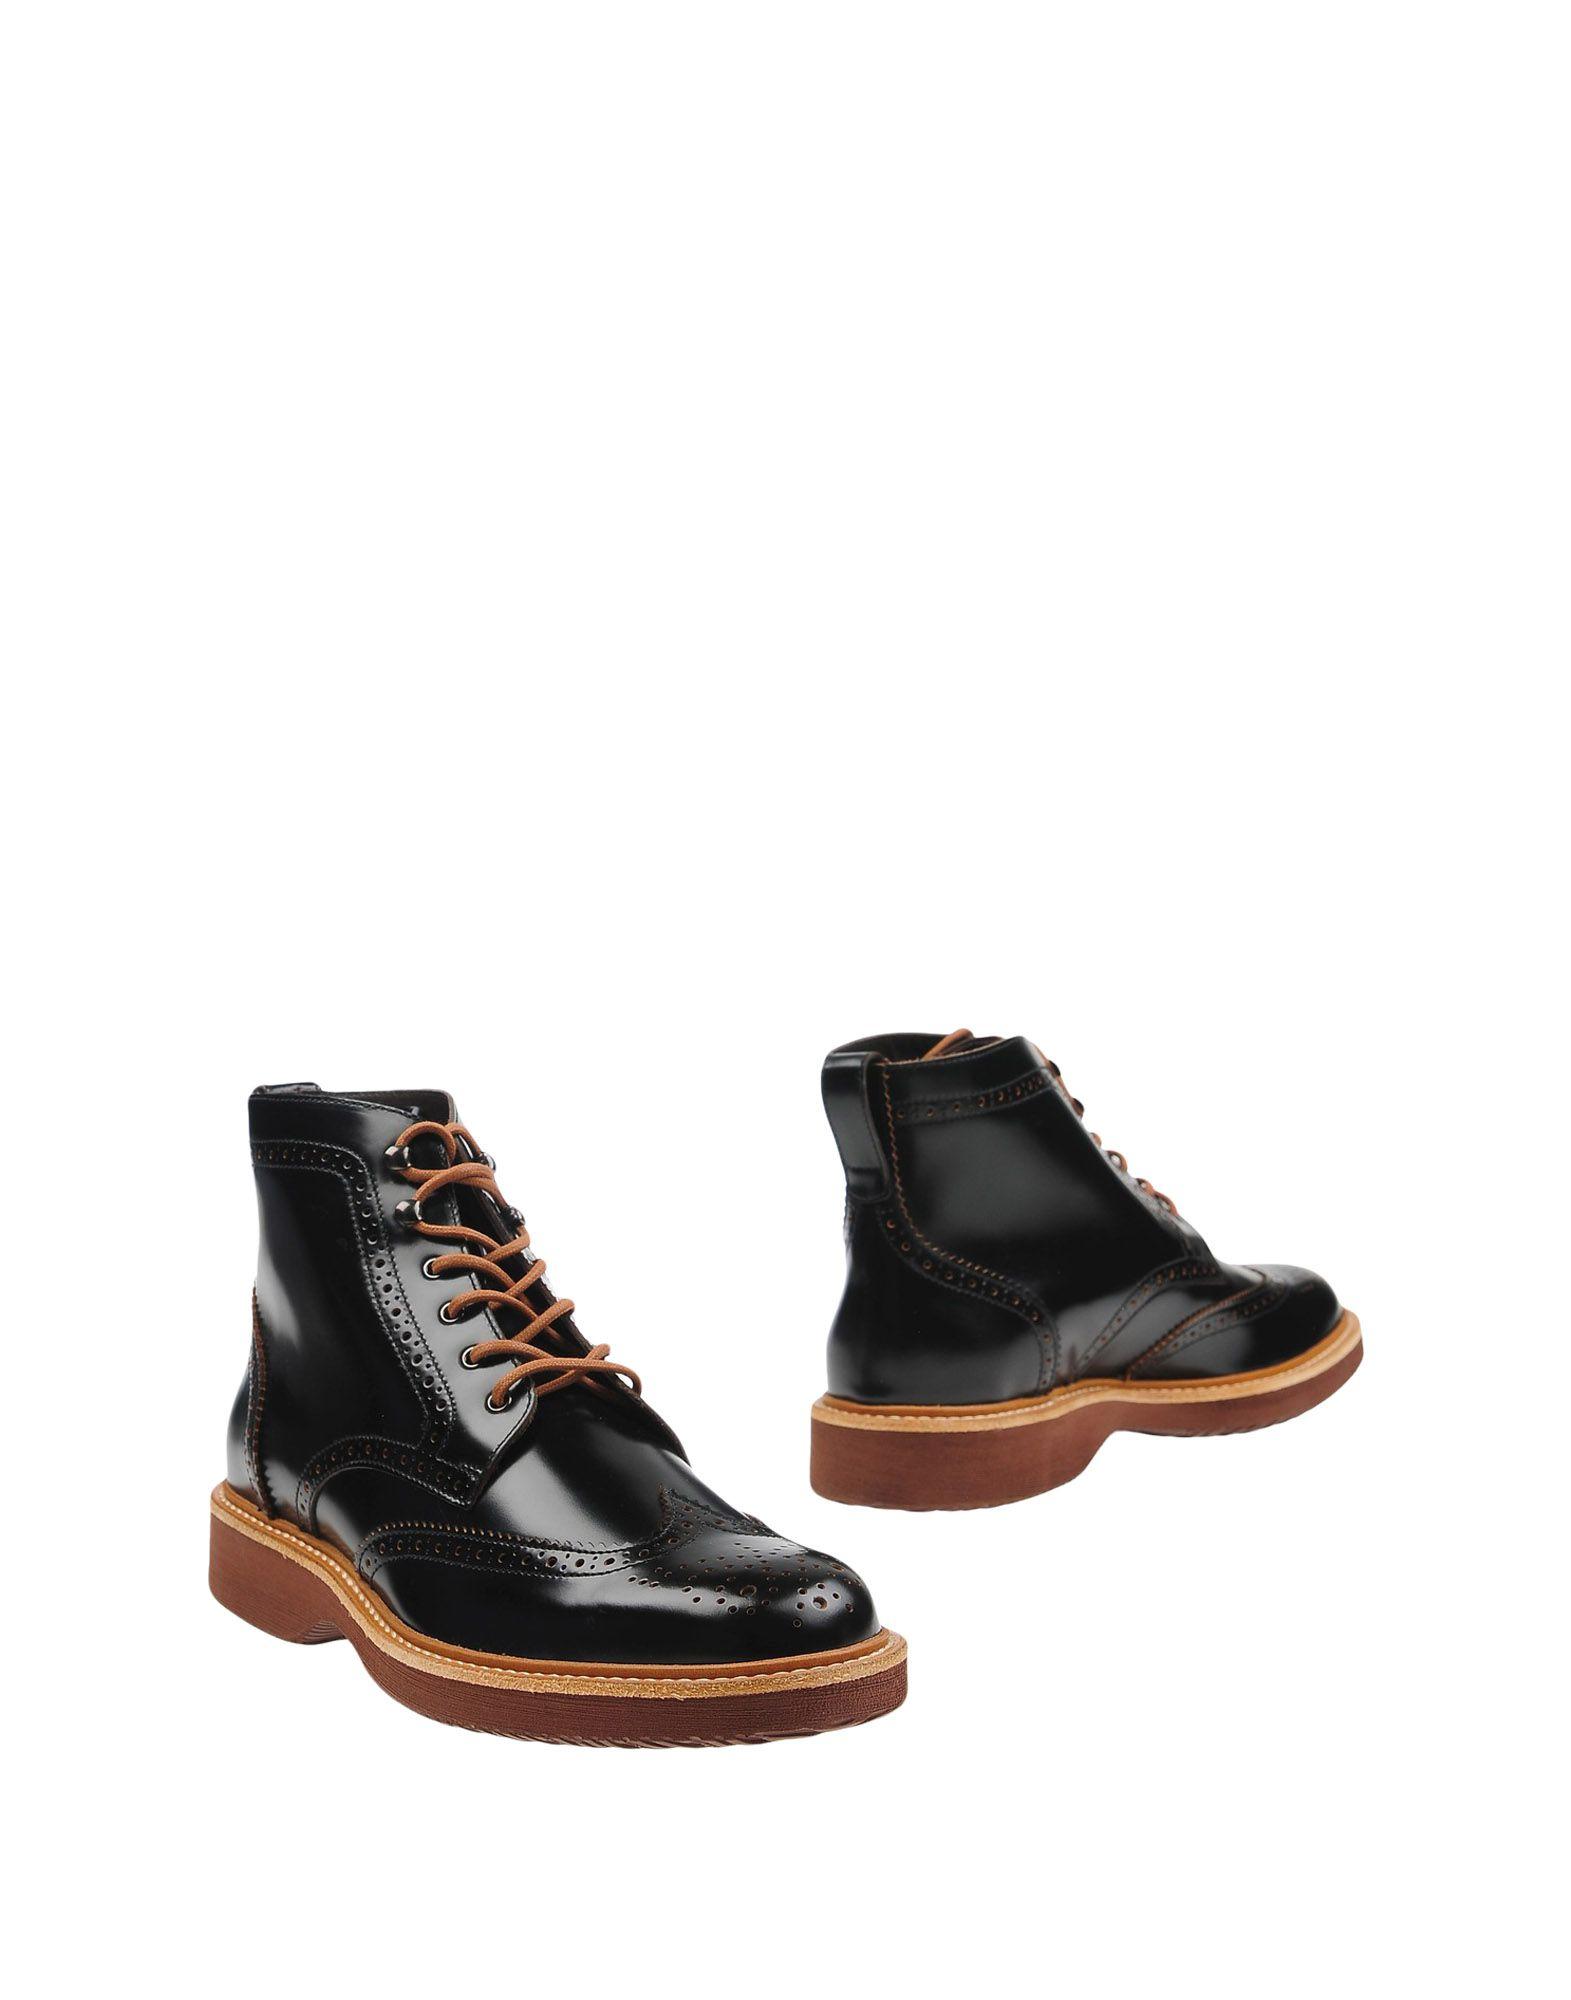 Hogan Stiefelette Herren  11297063IK Gute Qualität beliebte Schuhe